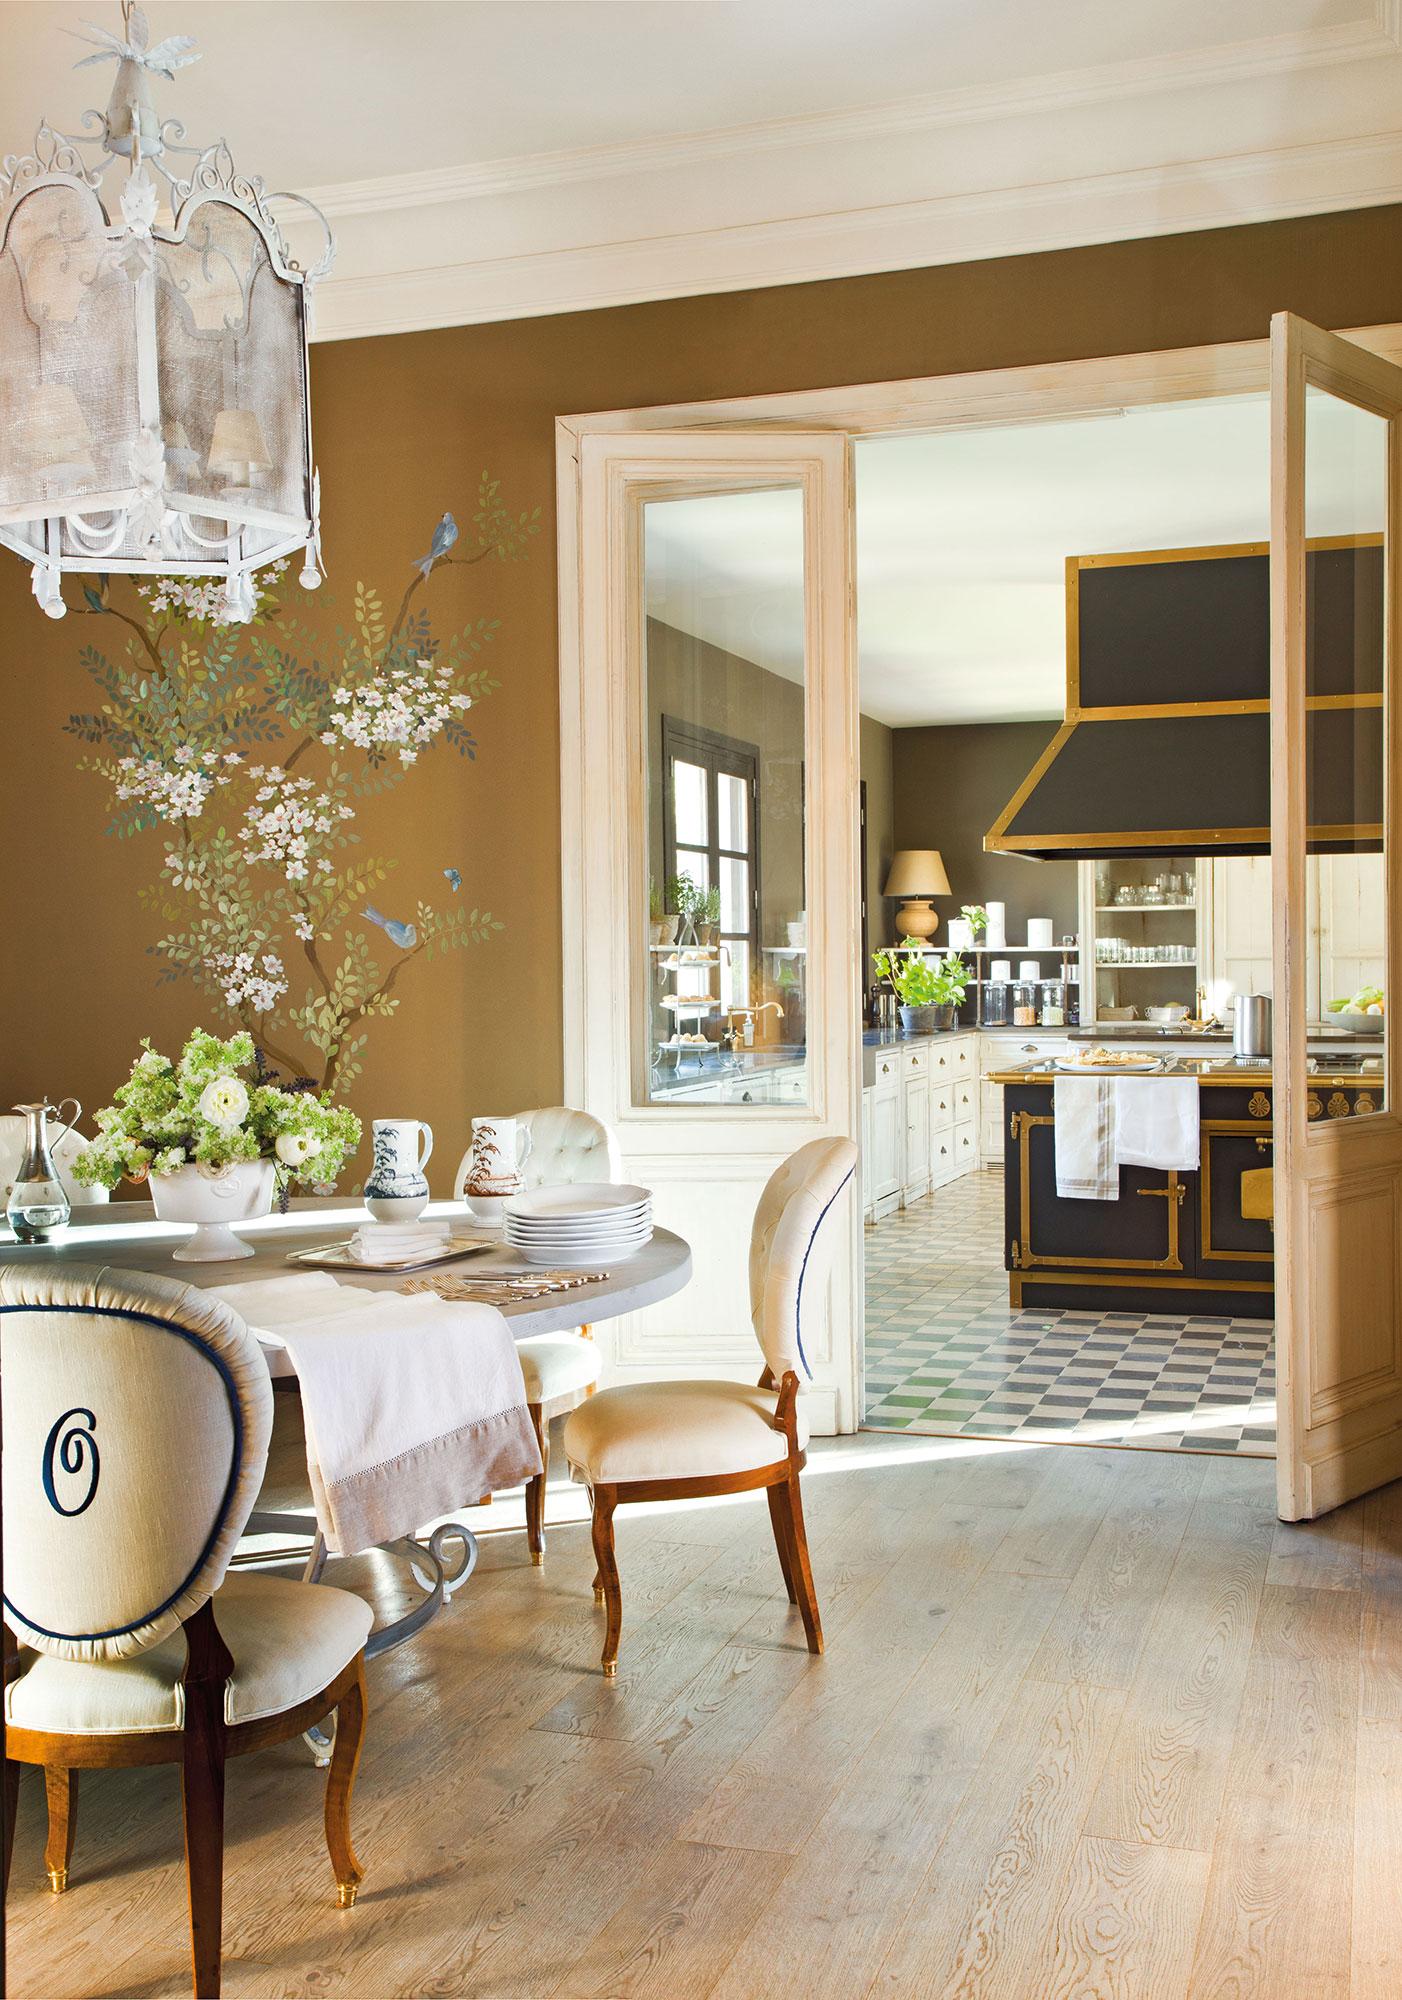 Comedor con vistas a la cocina con mural de árbol y pajaritos en la pared. El jardín, en el comedor